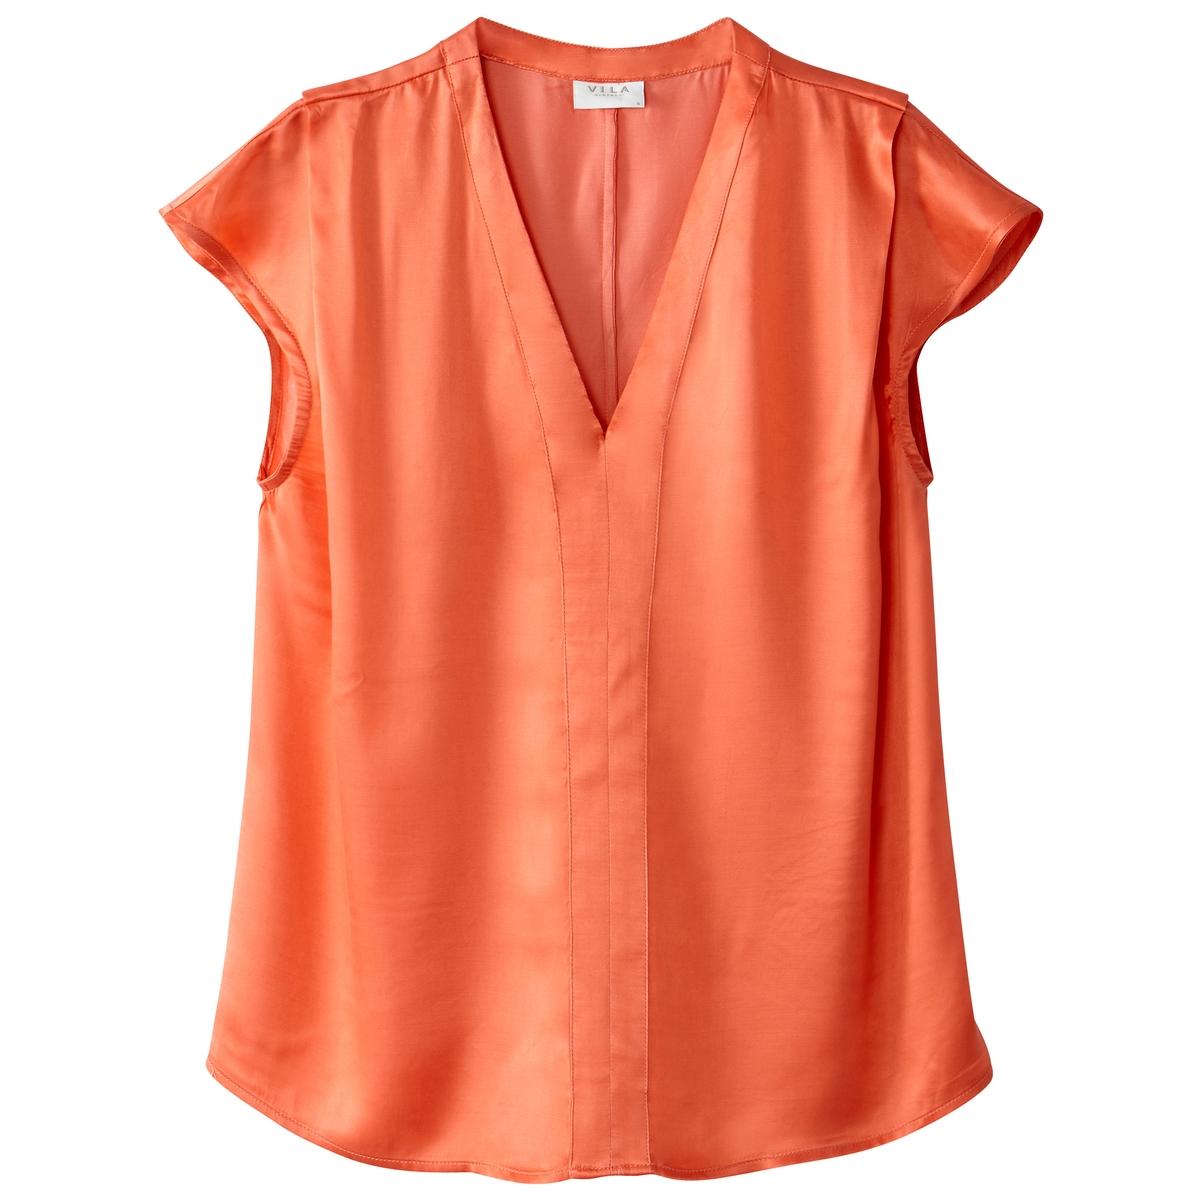 Блузка однотонная с круглым вырезом и рукавами 3/4Детали •  Рукава 3/4 •  Круглый вырезСостав и уход •  40% вискозы, 60% ткани купро •  Следуйте советам по уходу, указанным на этикетке<br><br>Цвет: коралловый<br>Размер: M